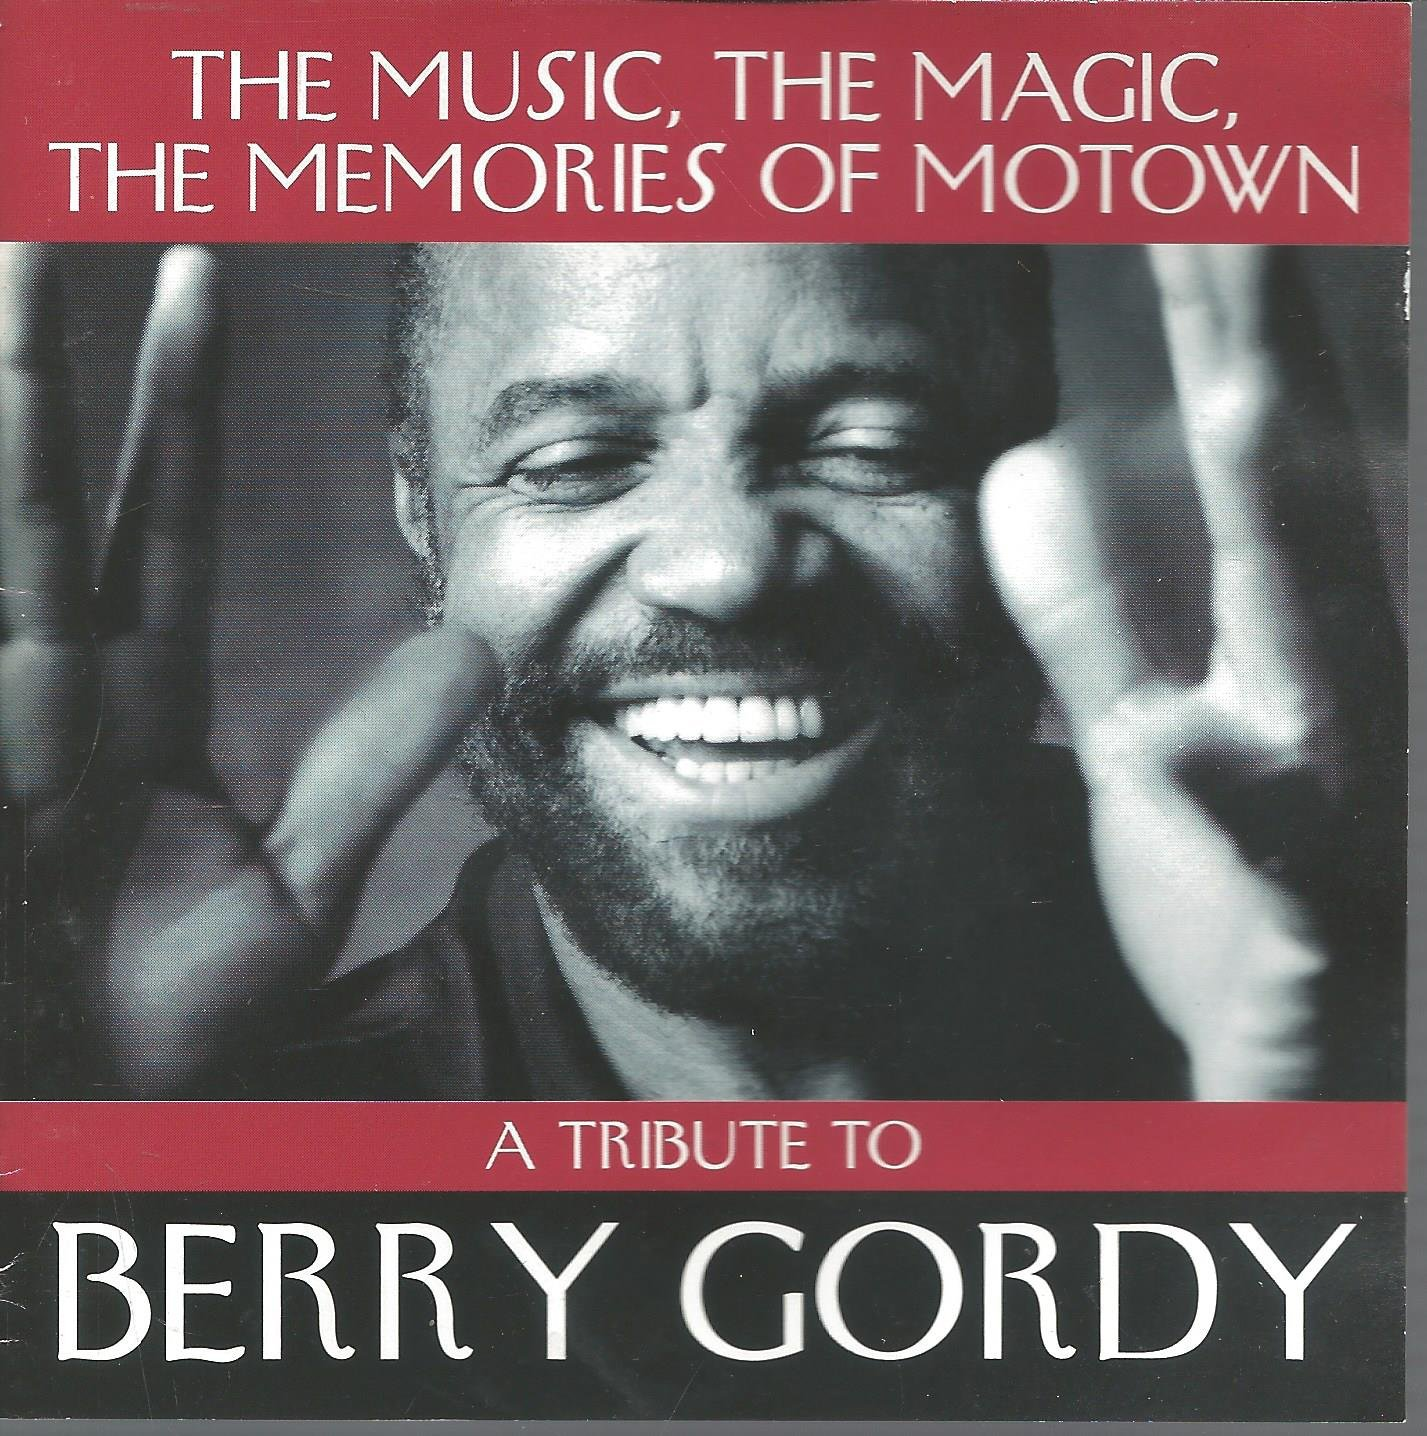 Αποτέλεσμα εικόνας για Berry Gordy